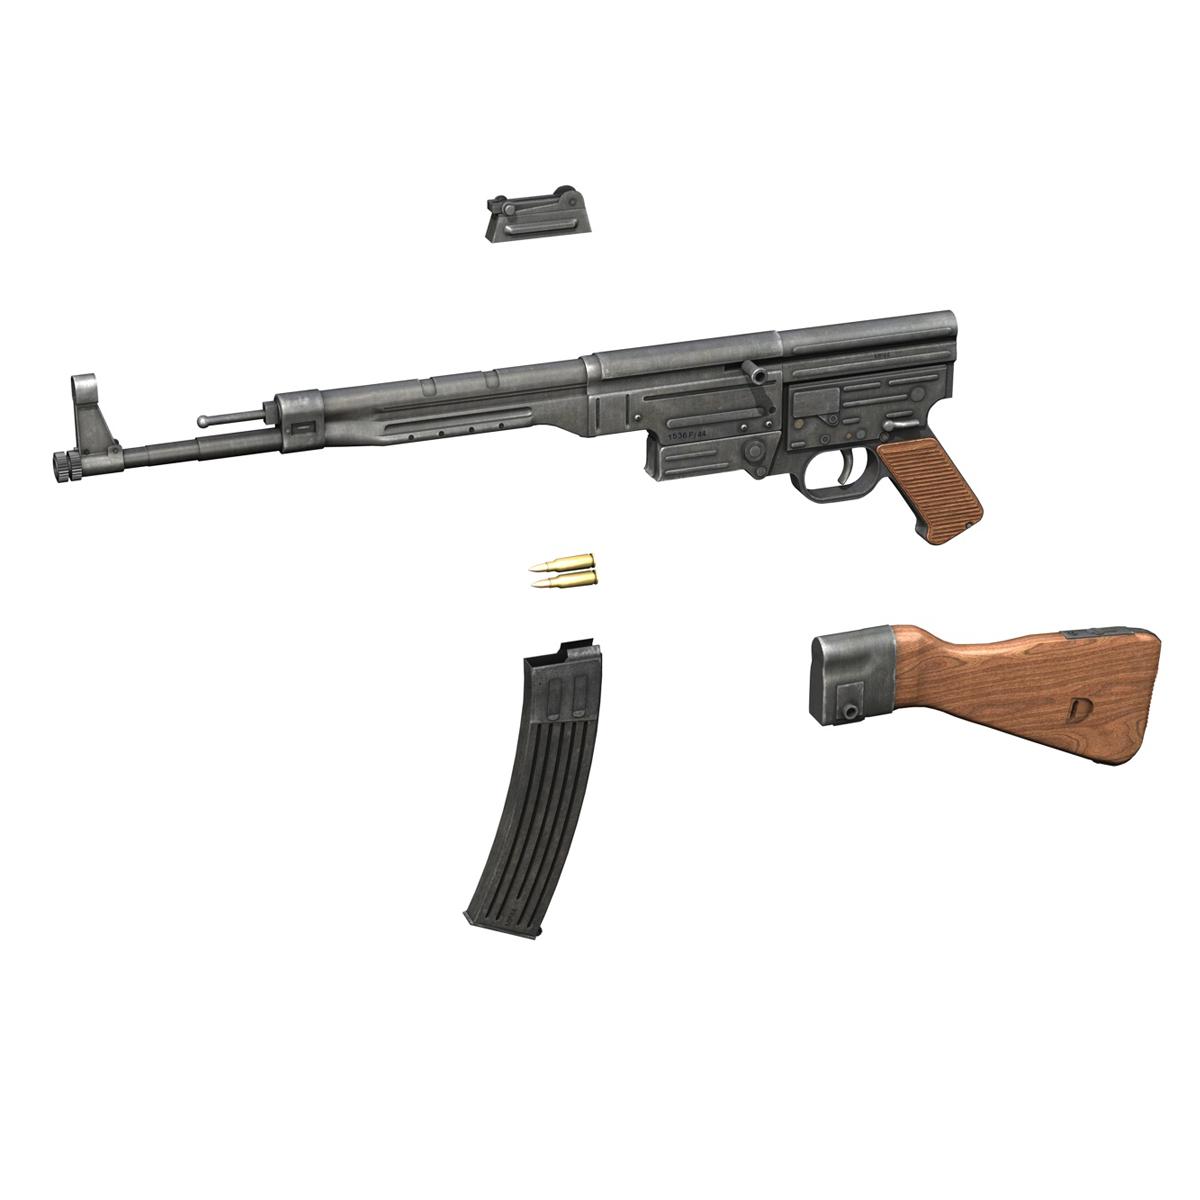 sturmgewehr 44 - mp44 - német támadás puska 3d modell 3ds fbx c4d lwo obj 195181